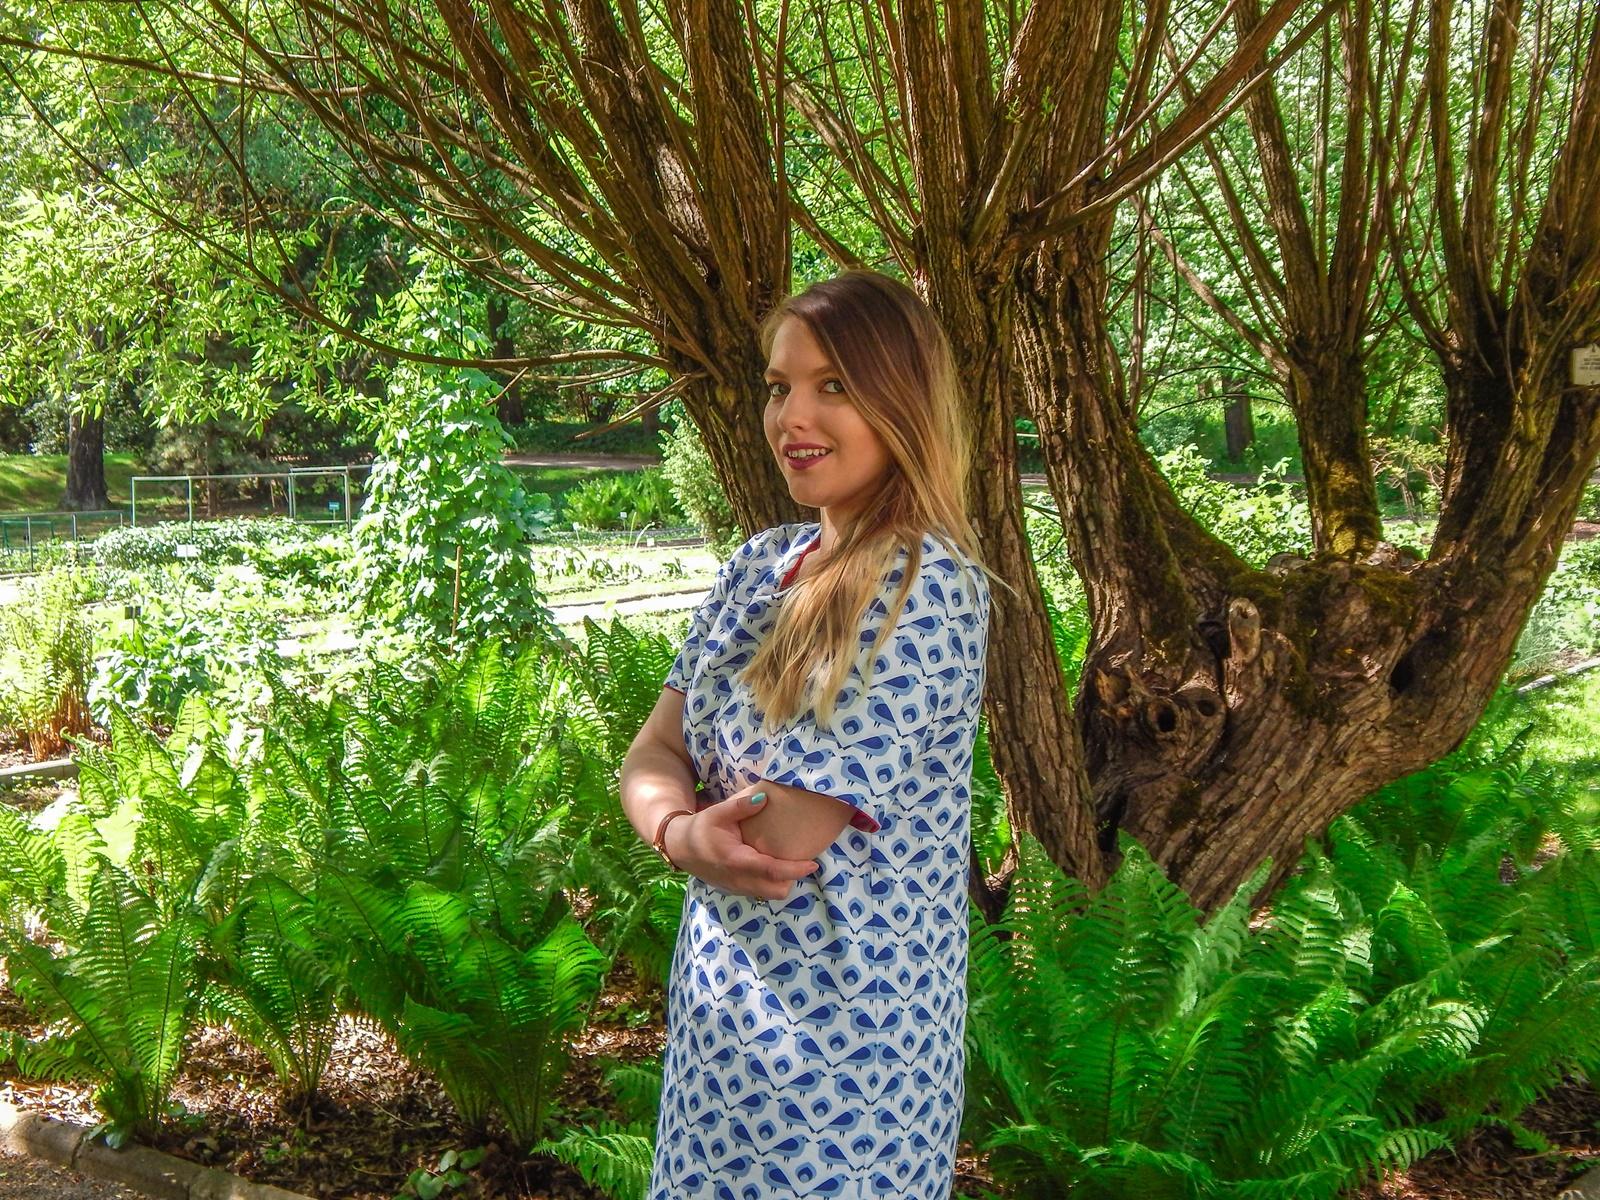 1 samodobro dwukroopek dwustronna sukienka dla mamy prezent na dzień mamy i córki drewniana biżuteria wróbel i dzika róża metka z opowiadaniem ciekawe mlode polskie marki odzieżowe moda lifestyle łódź